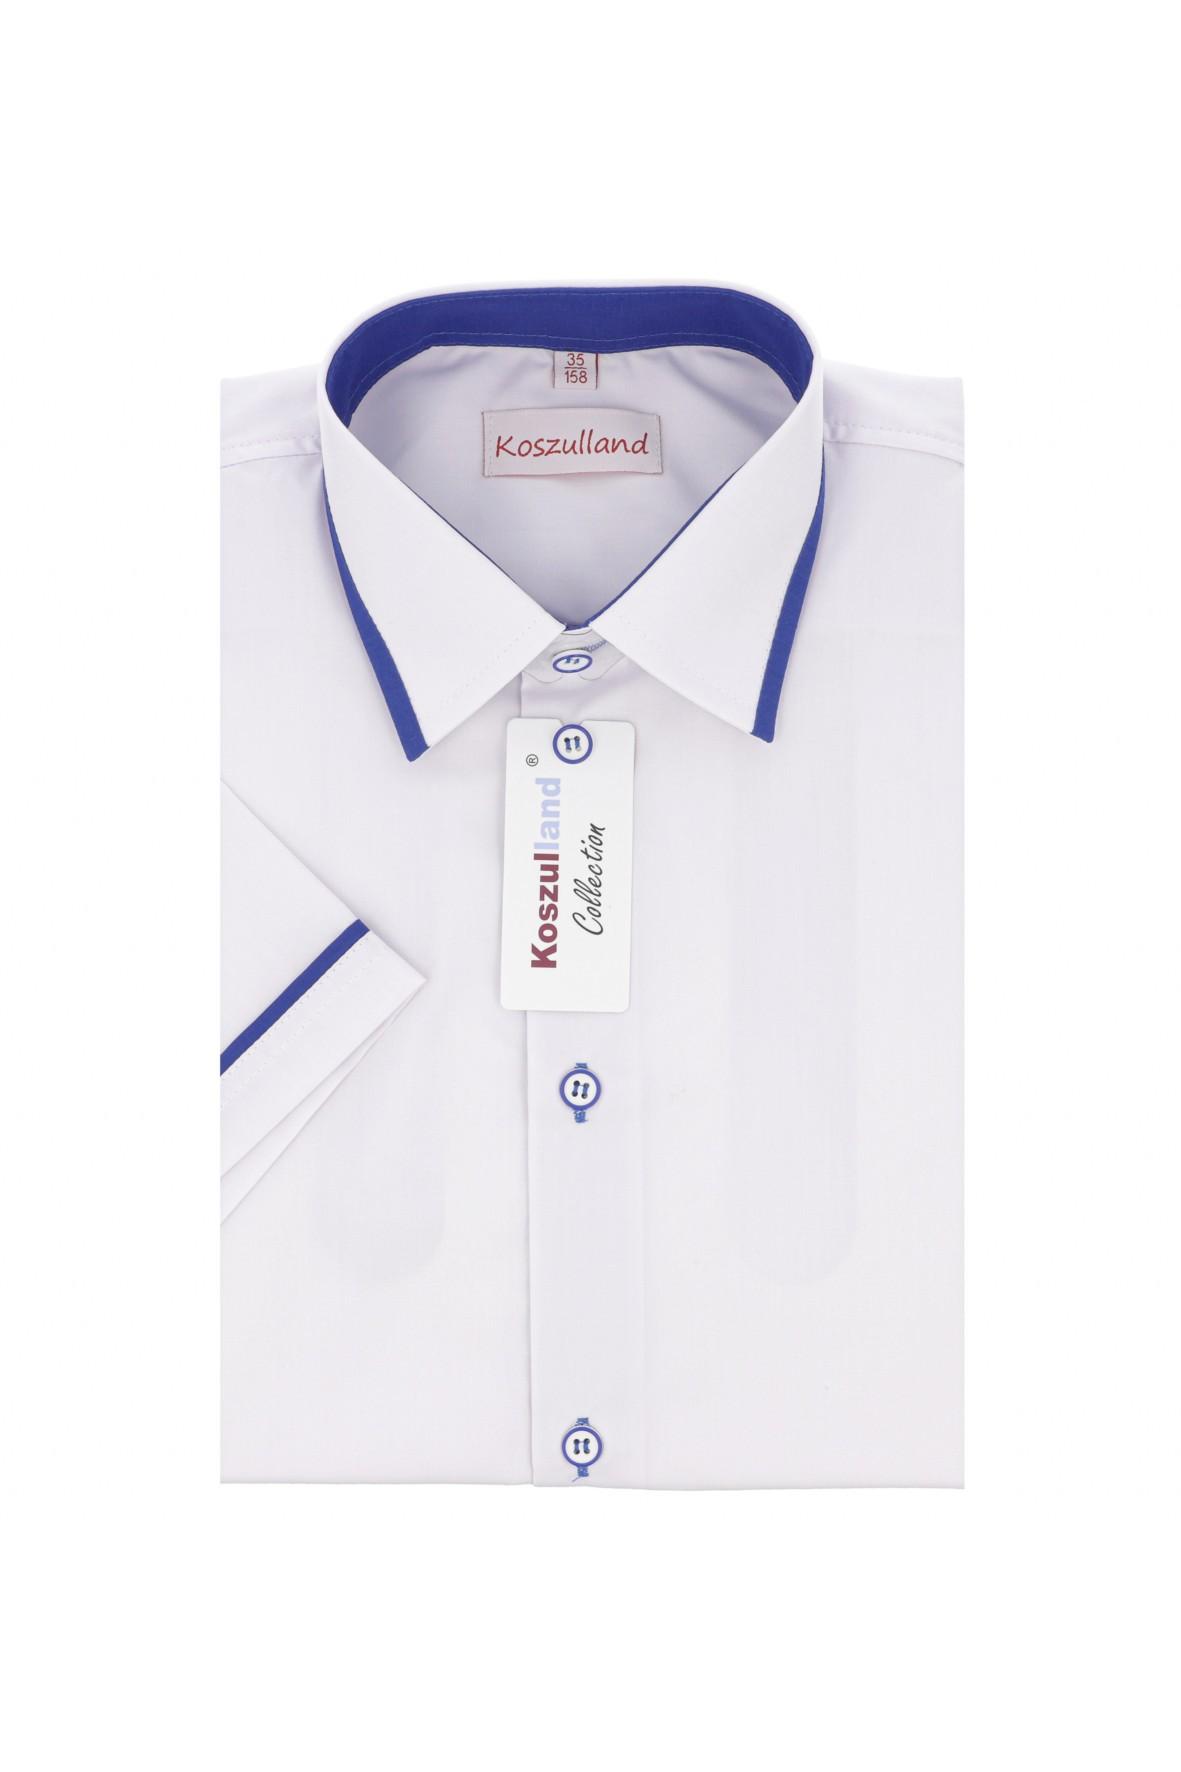 Koszula chłopięca biała z niebieskimi wstatkami- krótki rękaw